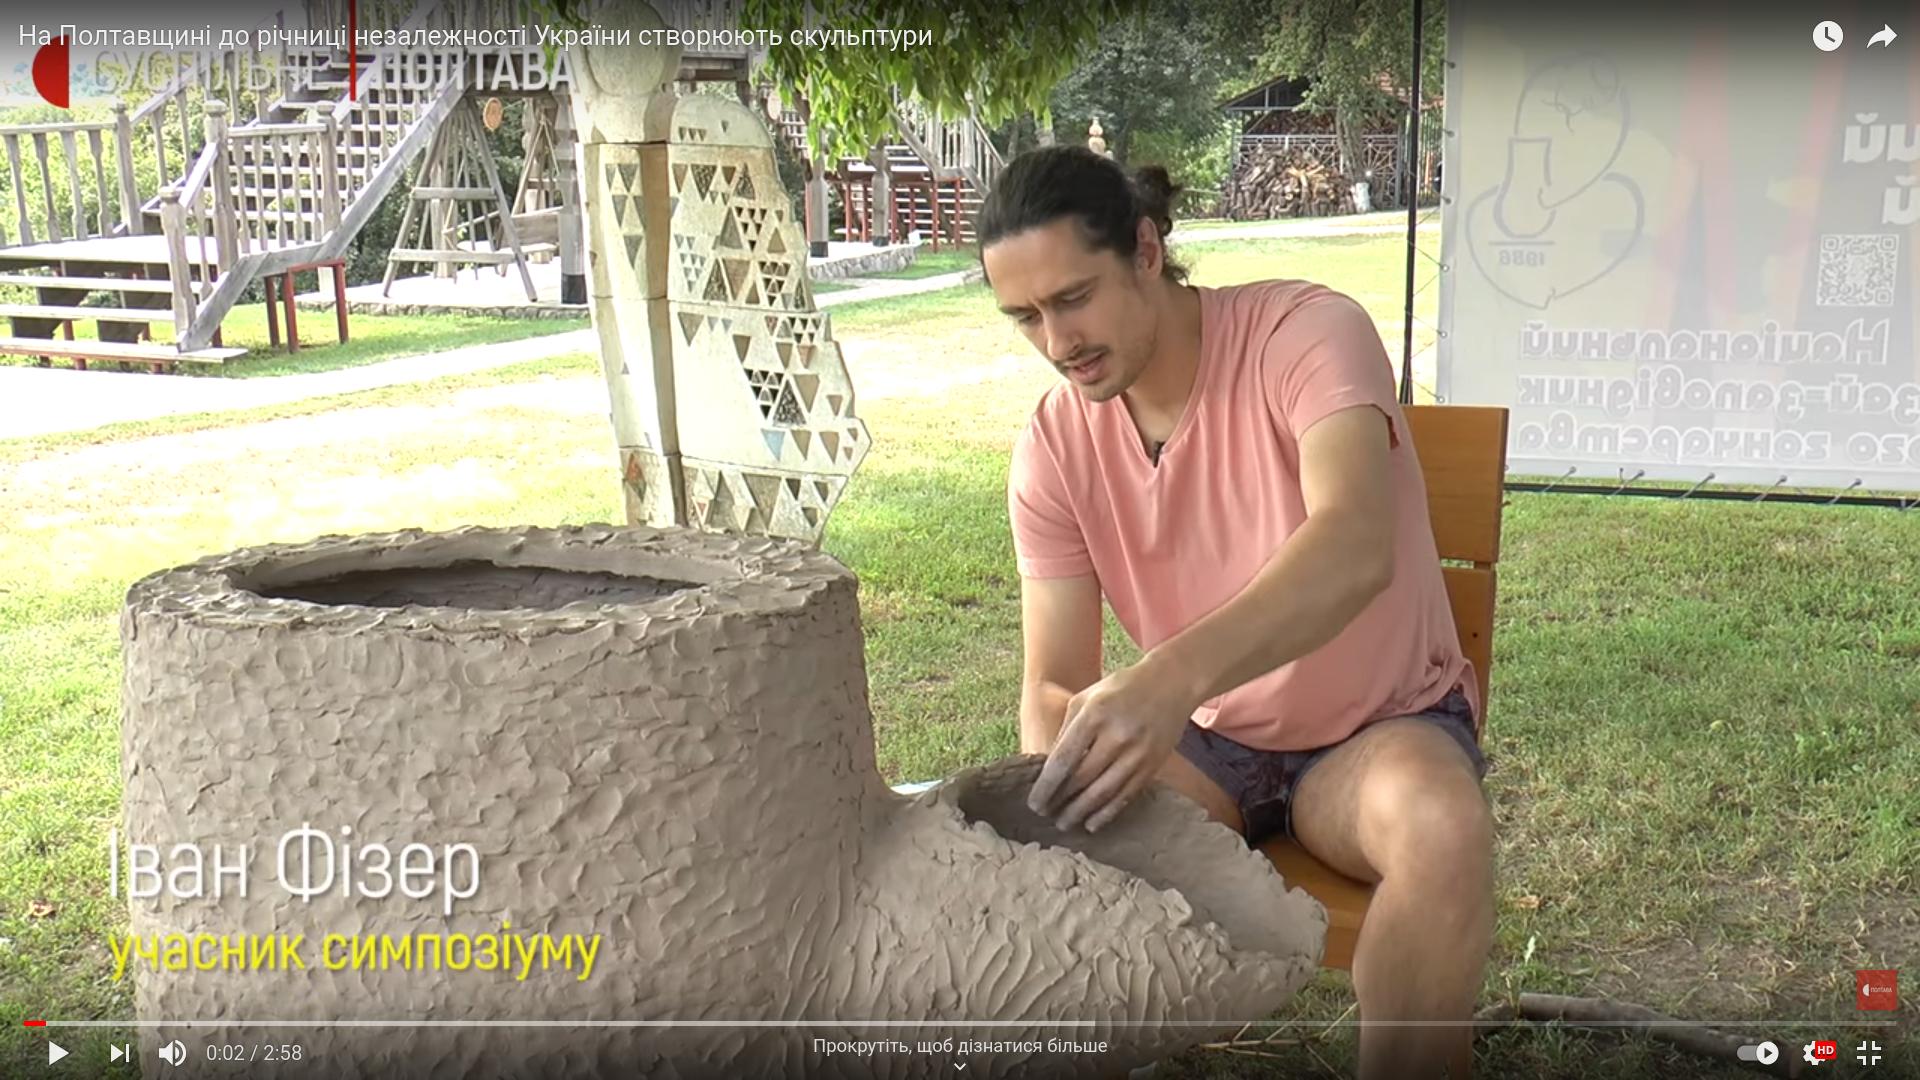 Викладач кафедри на Всеукраїнському симпозіумі з монументальної кераміки в Опішні